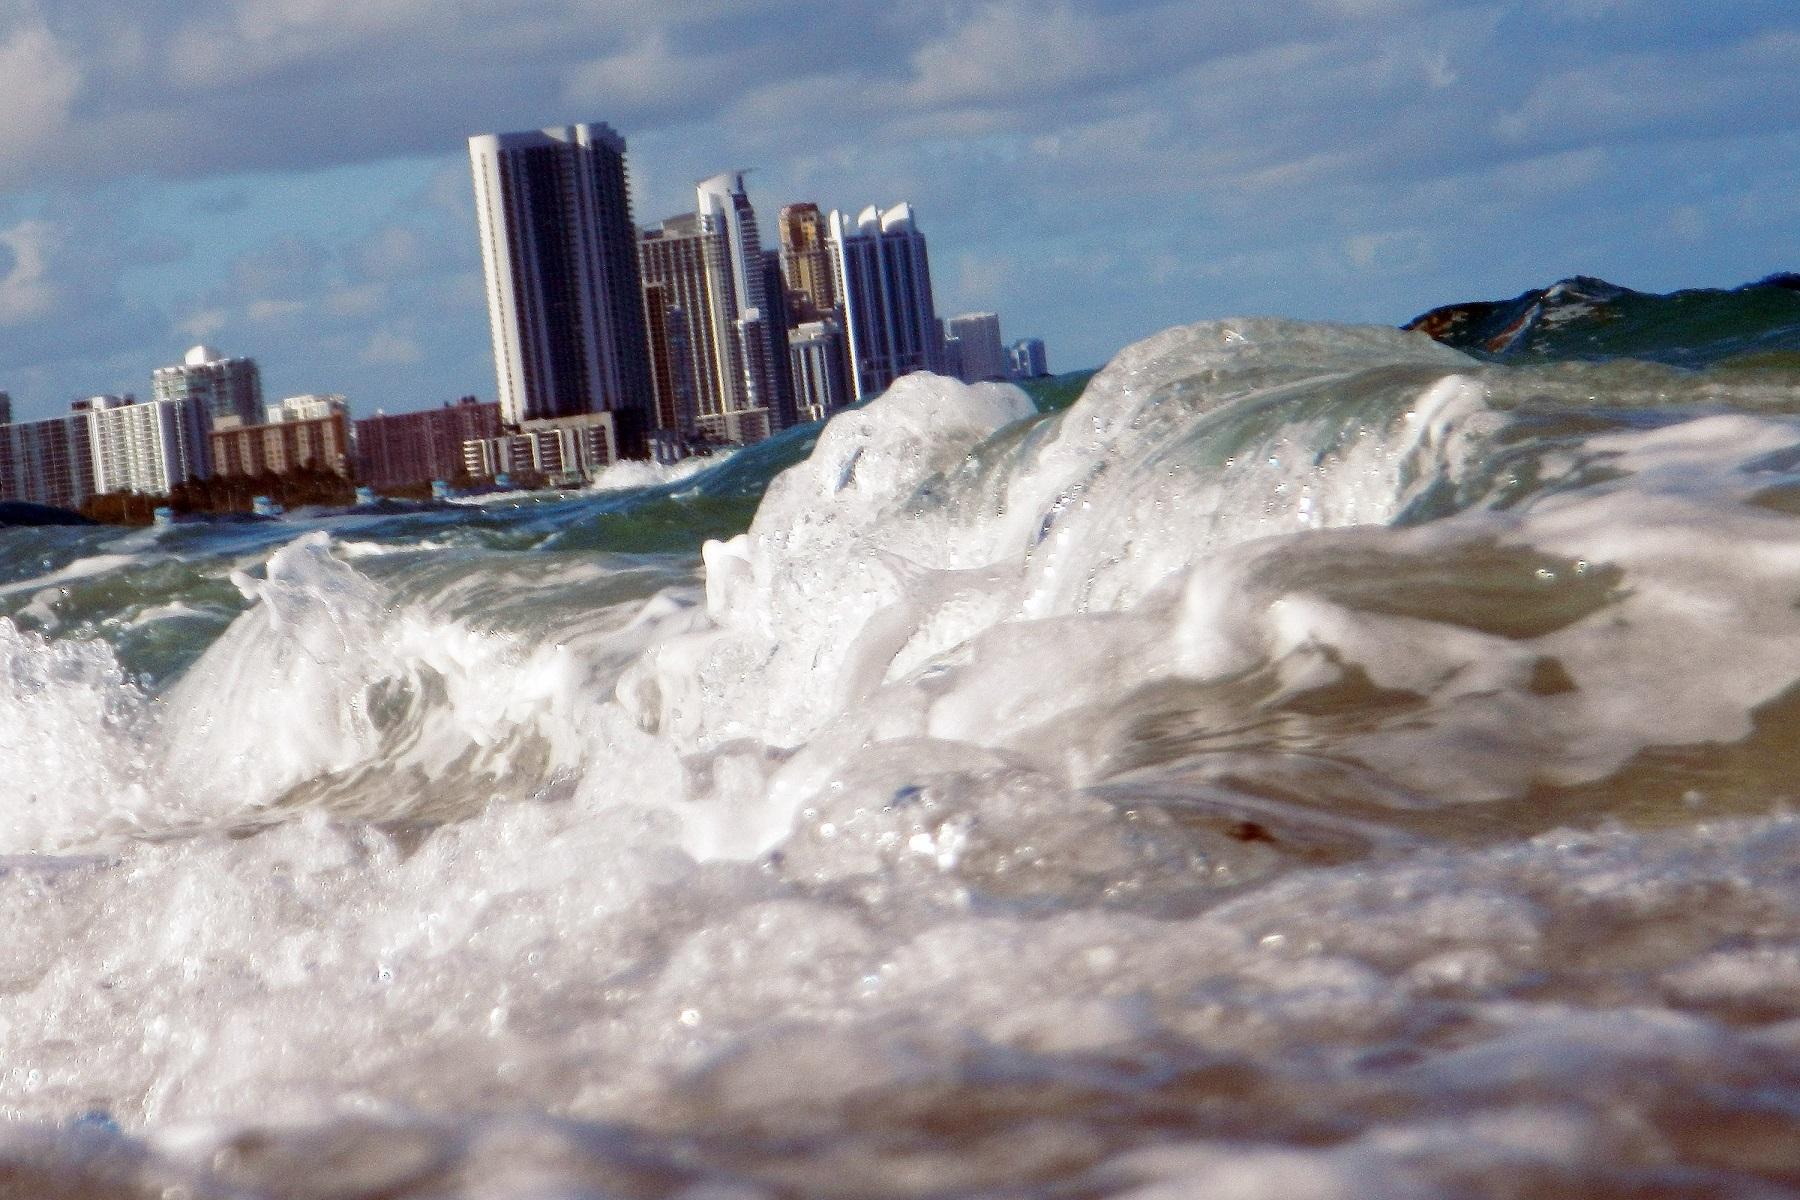 ΗΠΑ Φλόριντα: Η άνοδος της στάθμης της θάλασσας μπορεί να συνέβαλε στην κατάρρευση του συγκροτήματος κατοικιών